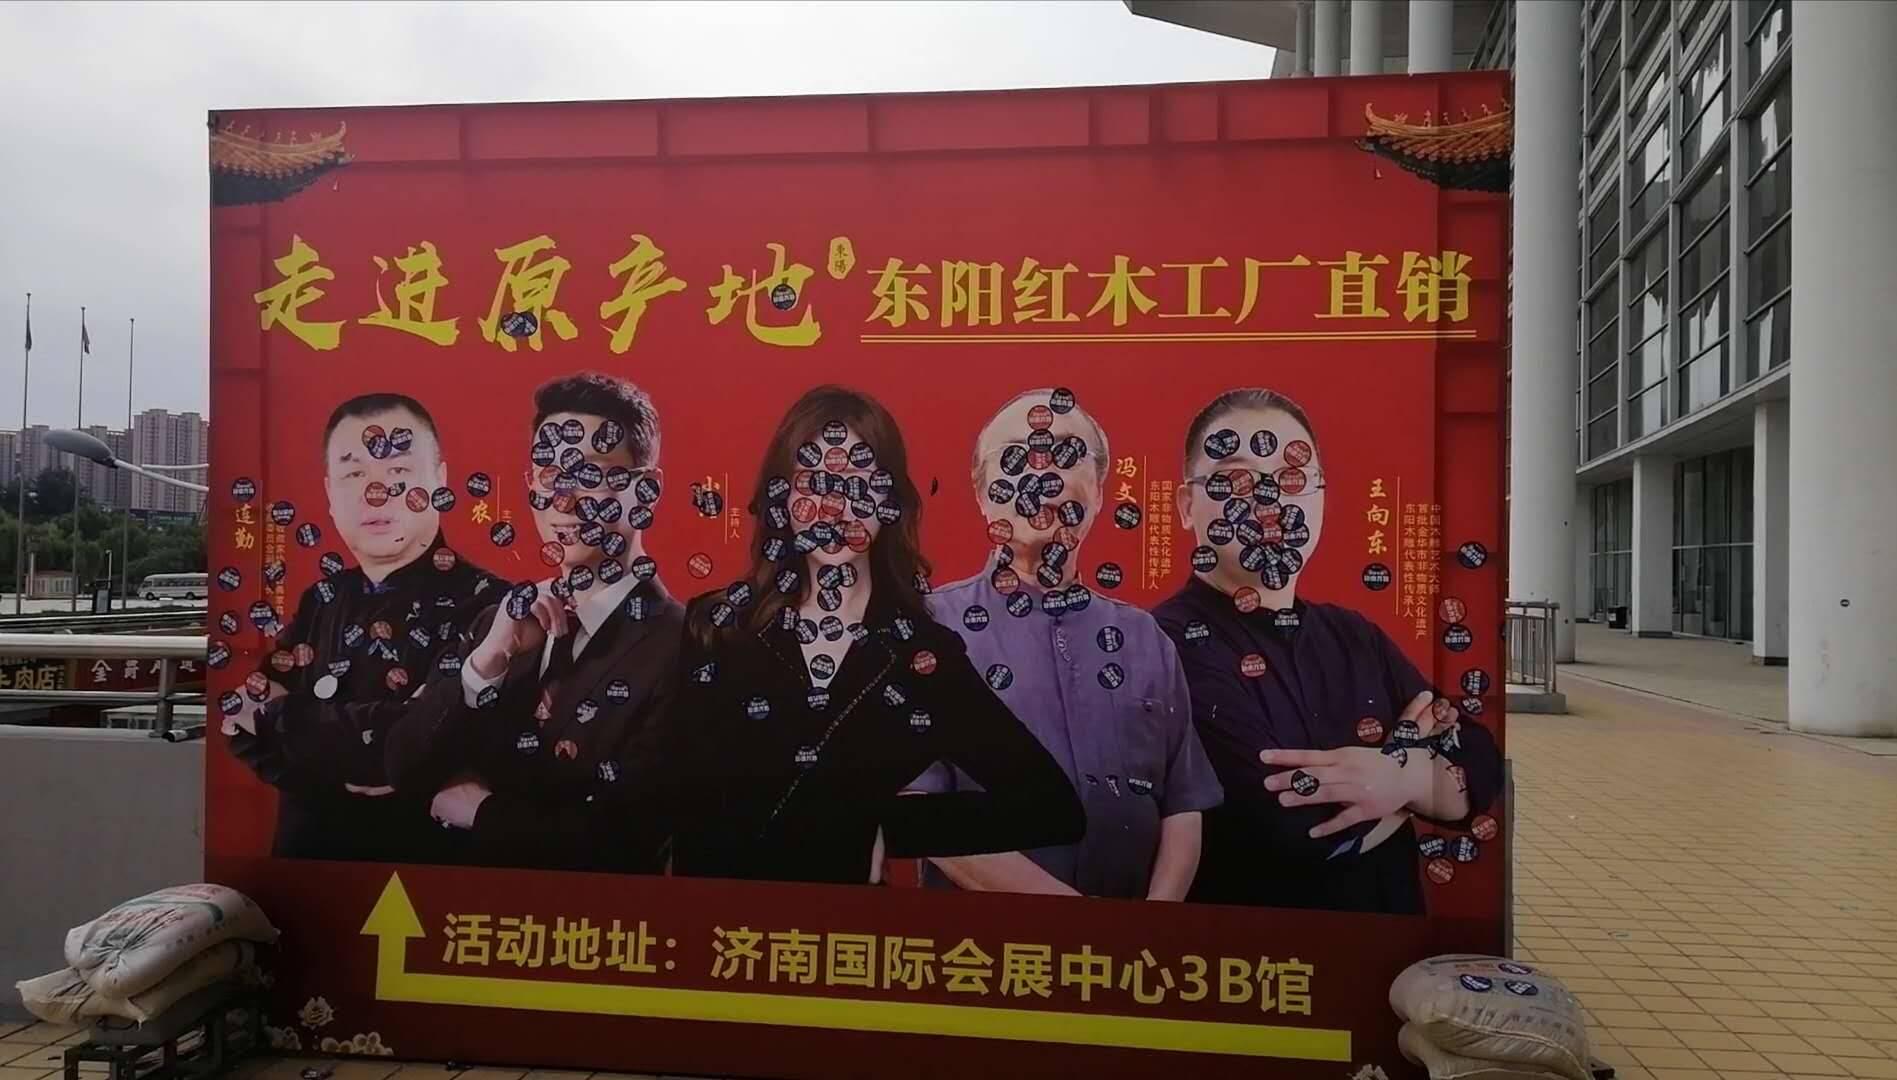 红木广告代言人被贴满车展广告 工作人员:无法理解 无法接受